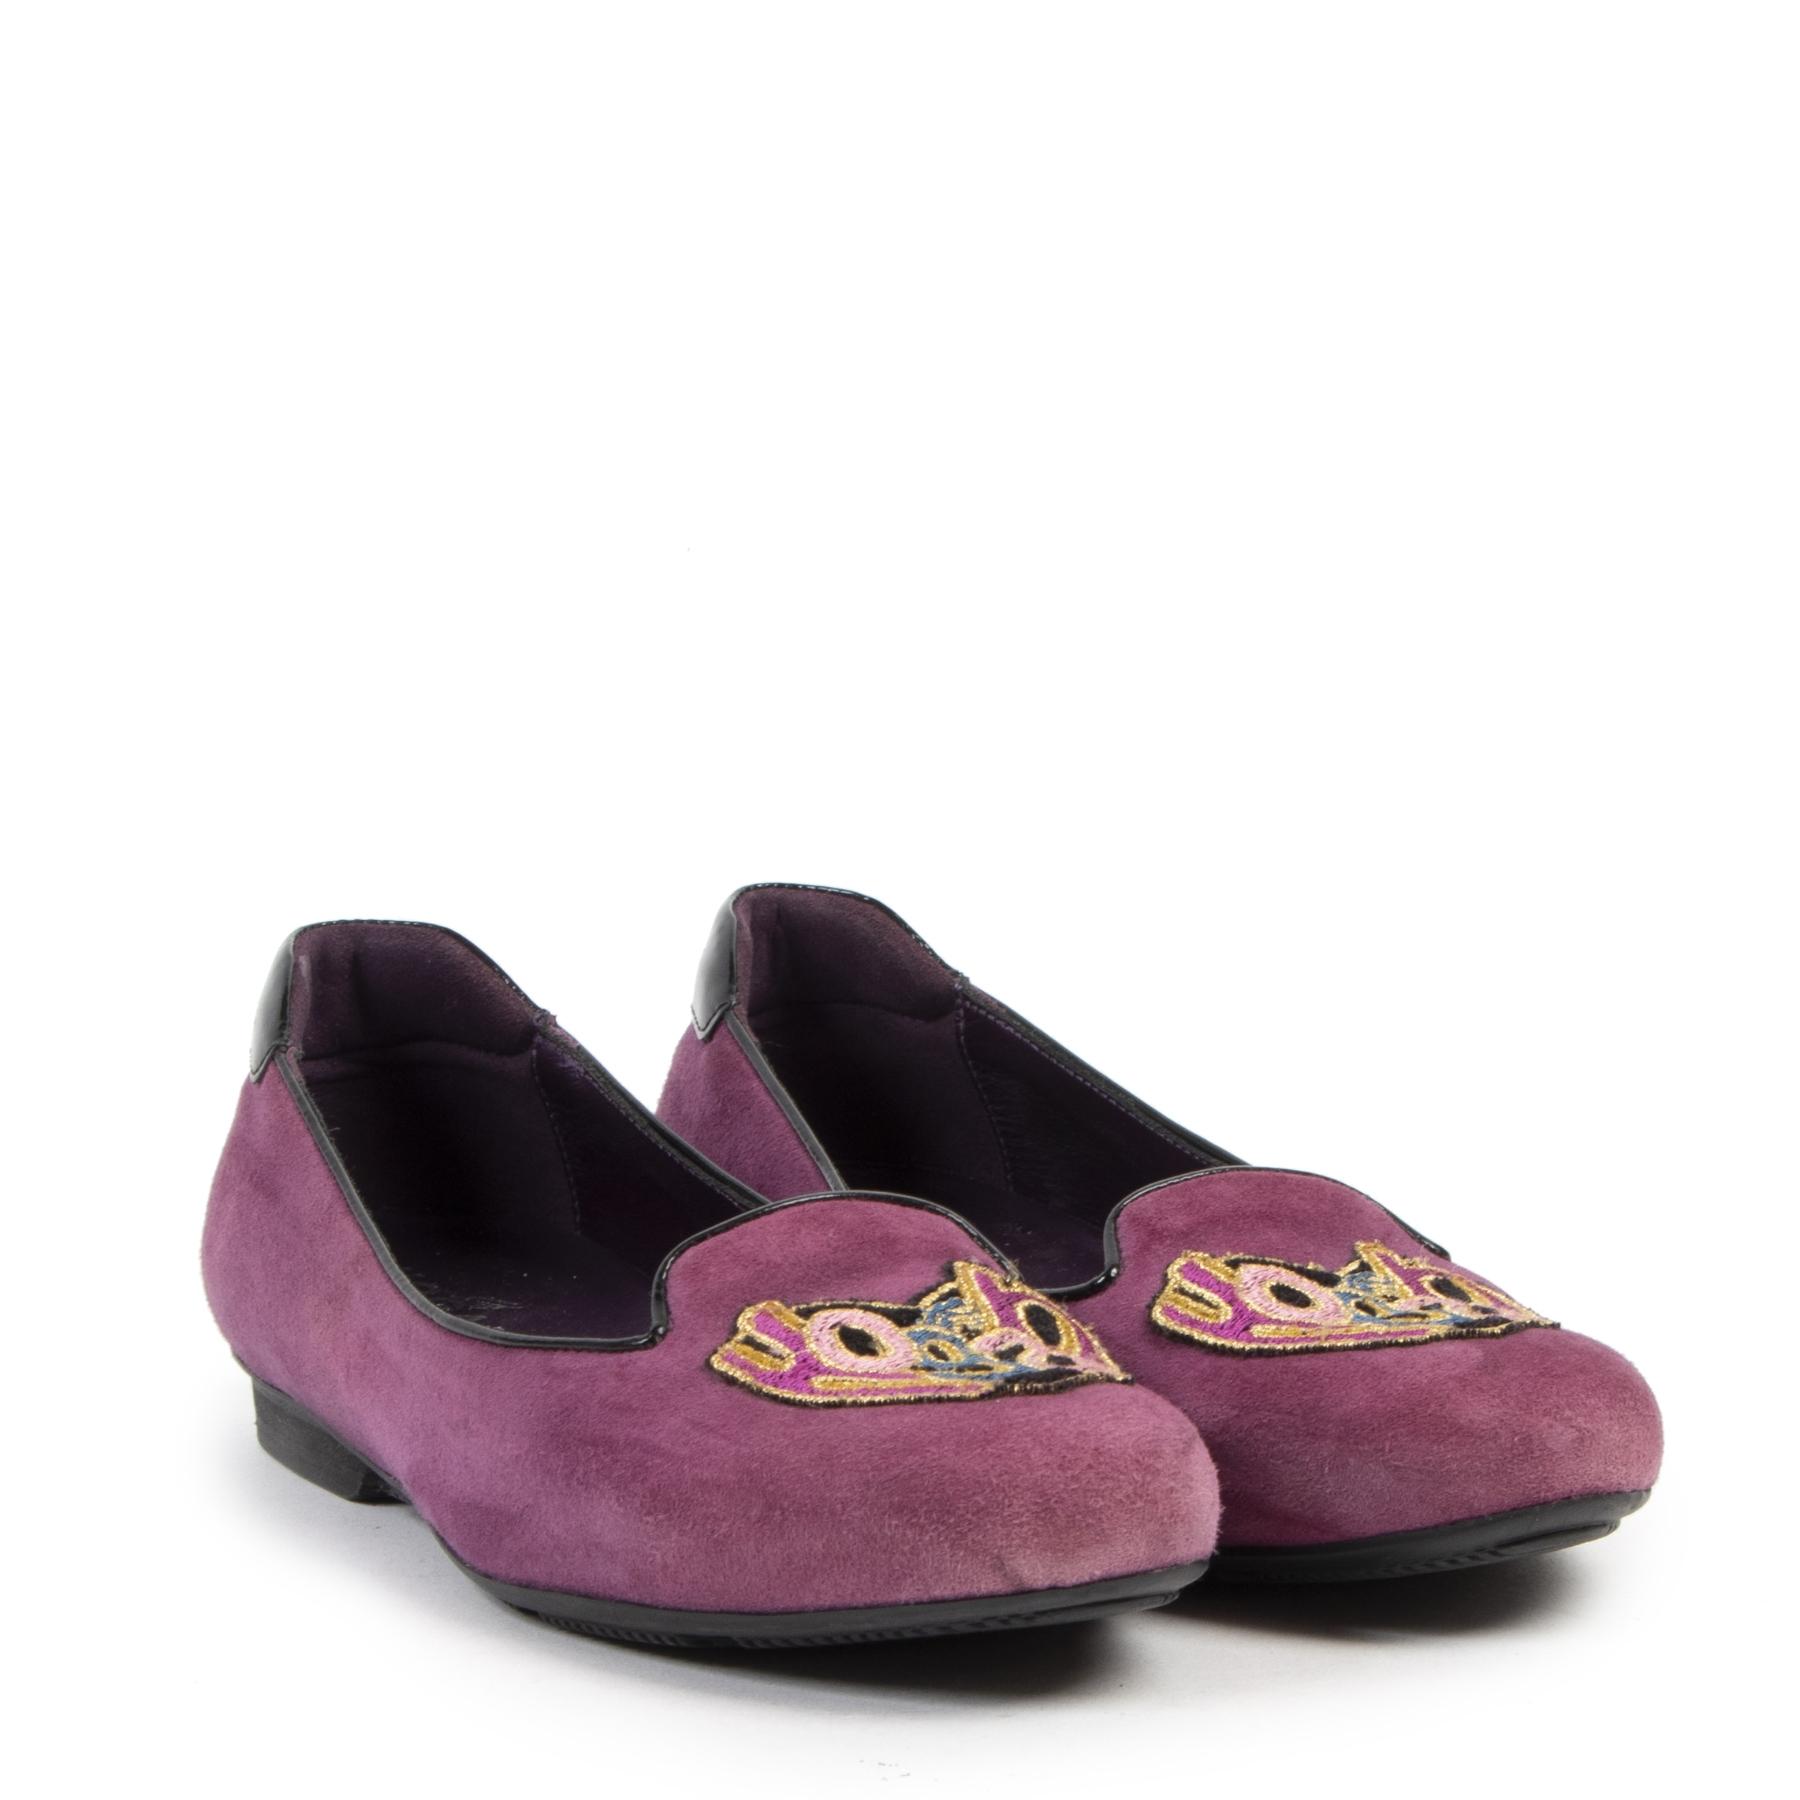 Authentieke tweedehands vintage Hogan Purple Suede Ballet Flats - Size 36 koop online webshop LabelLOV